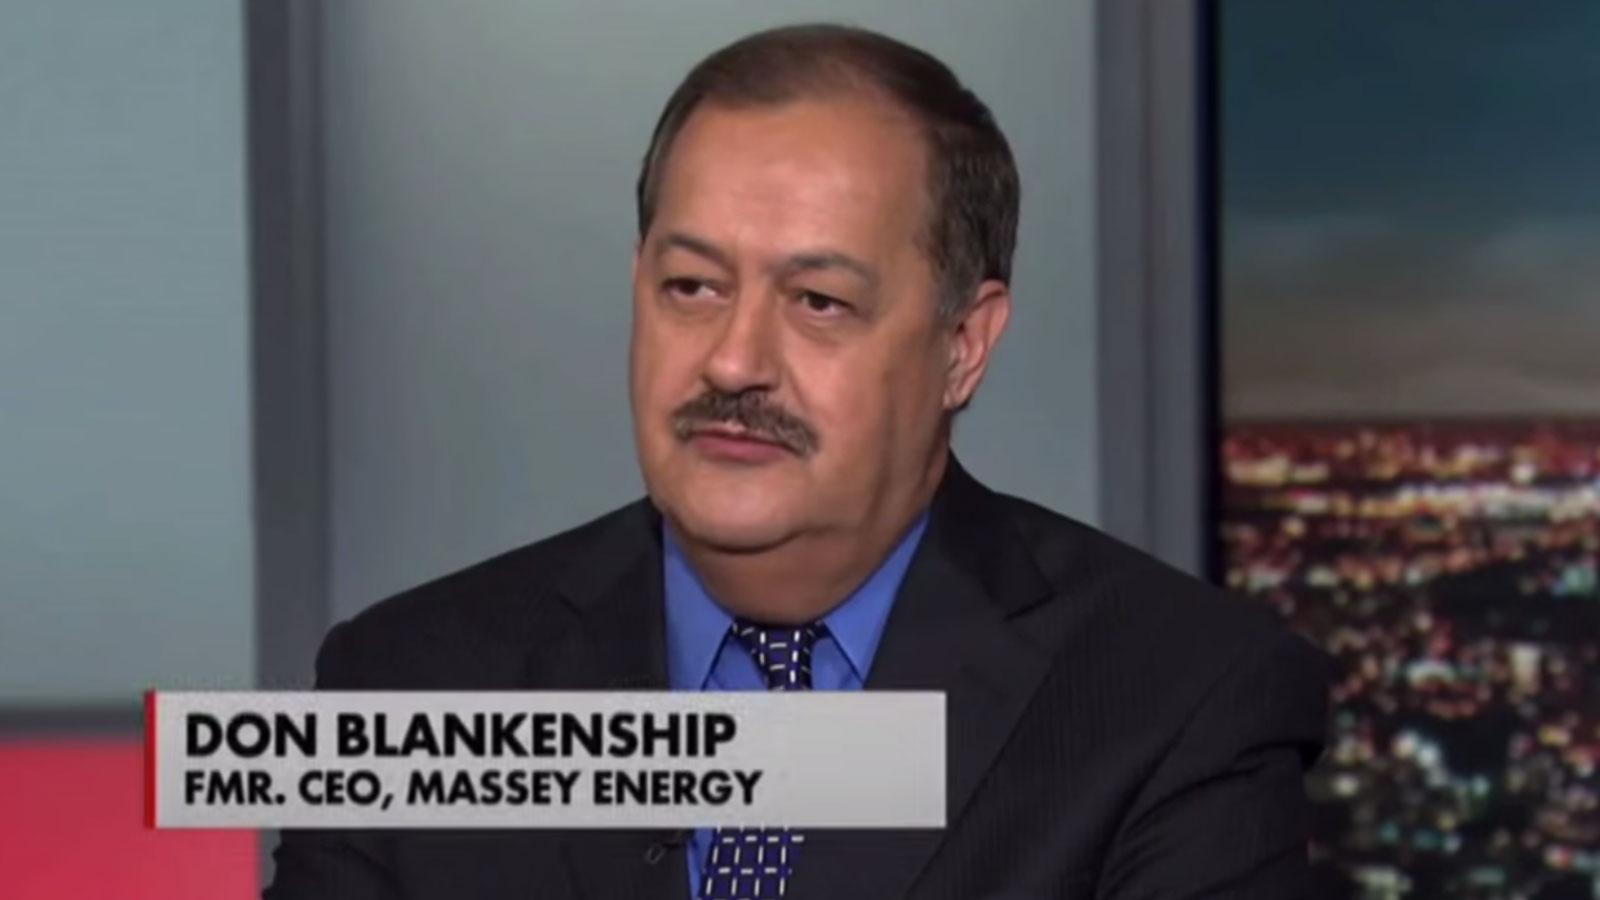 Don Blankenship aka the Dark Lord of Coal